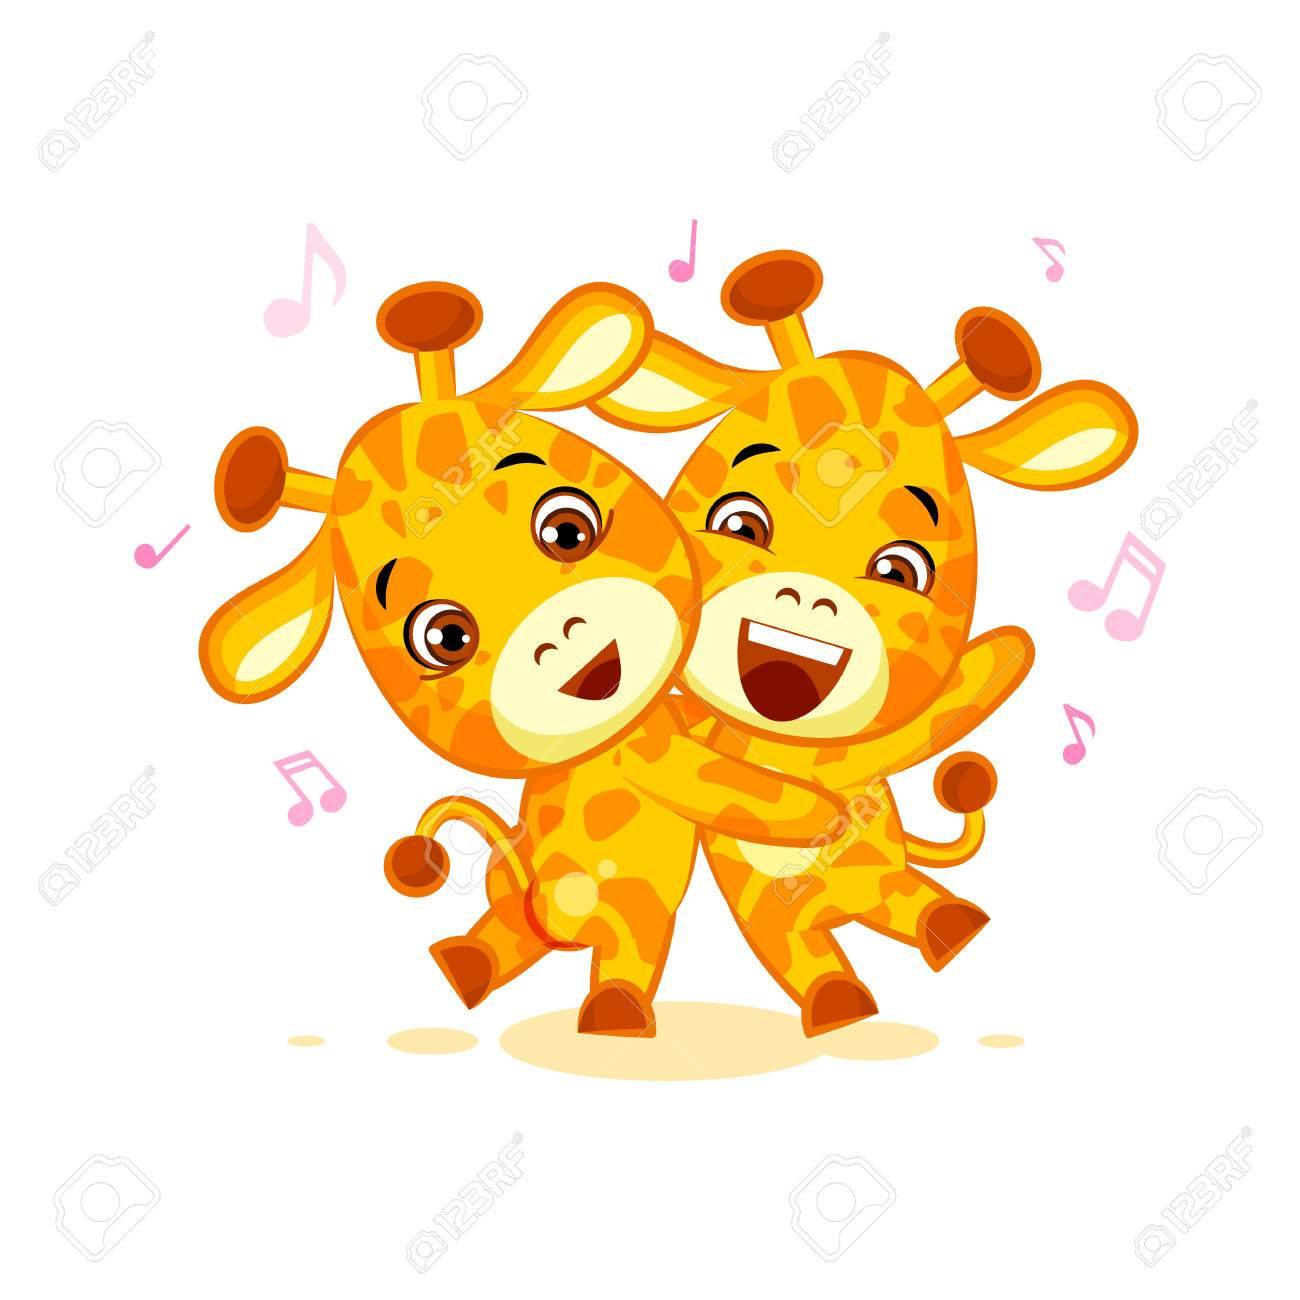 Emoji Ont Date De Laisser Danser La Musique Des Amis De Dessin Anime De Caractere Girafe Autocollant Des Emoticones Clip Art Libres De Droits Vecteurs Et Illustration Image 73492064